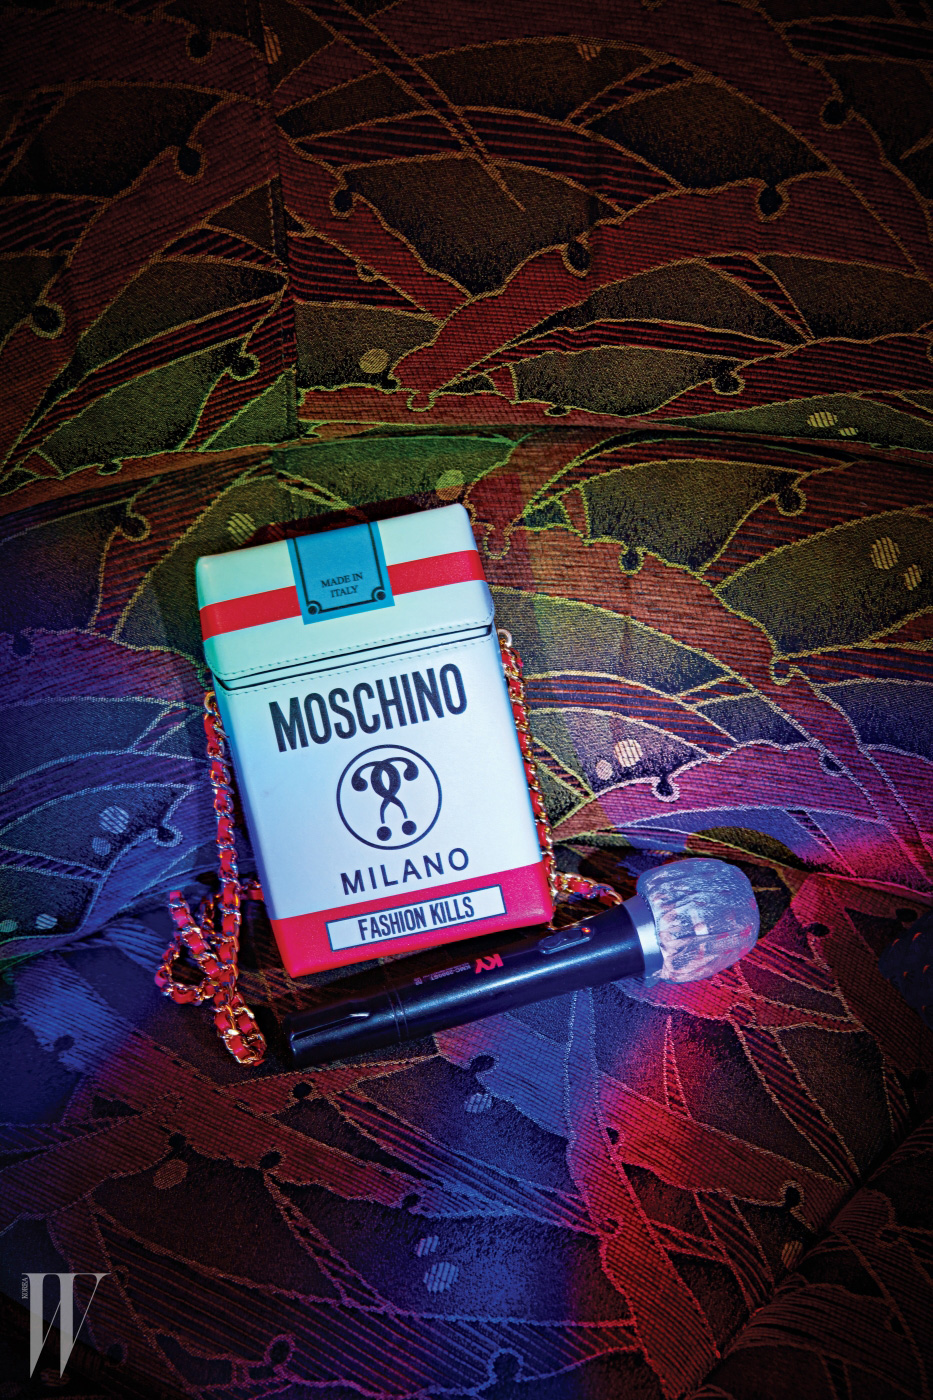 담뱃갑 모양의 체인 미니 백은 모스키노 제품. 97만원.